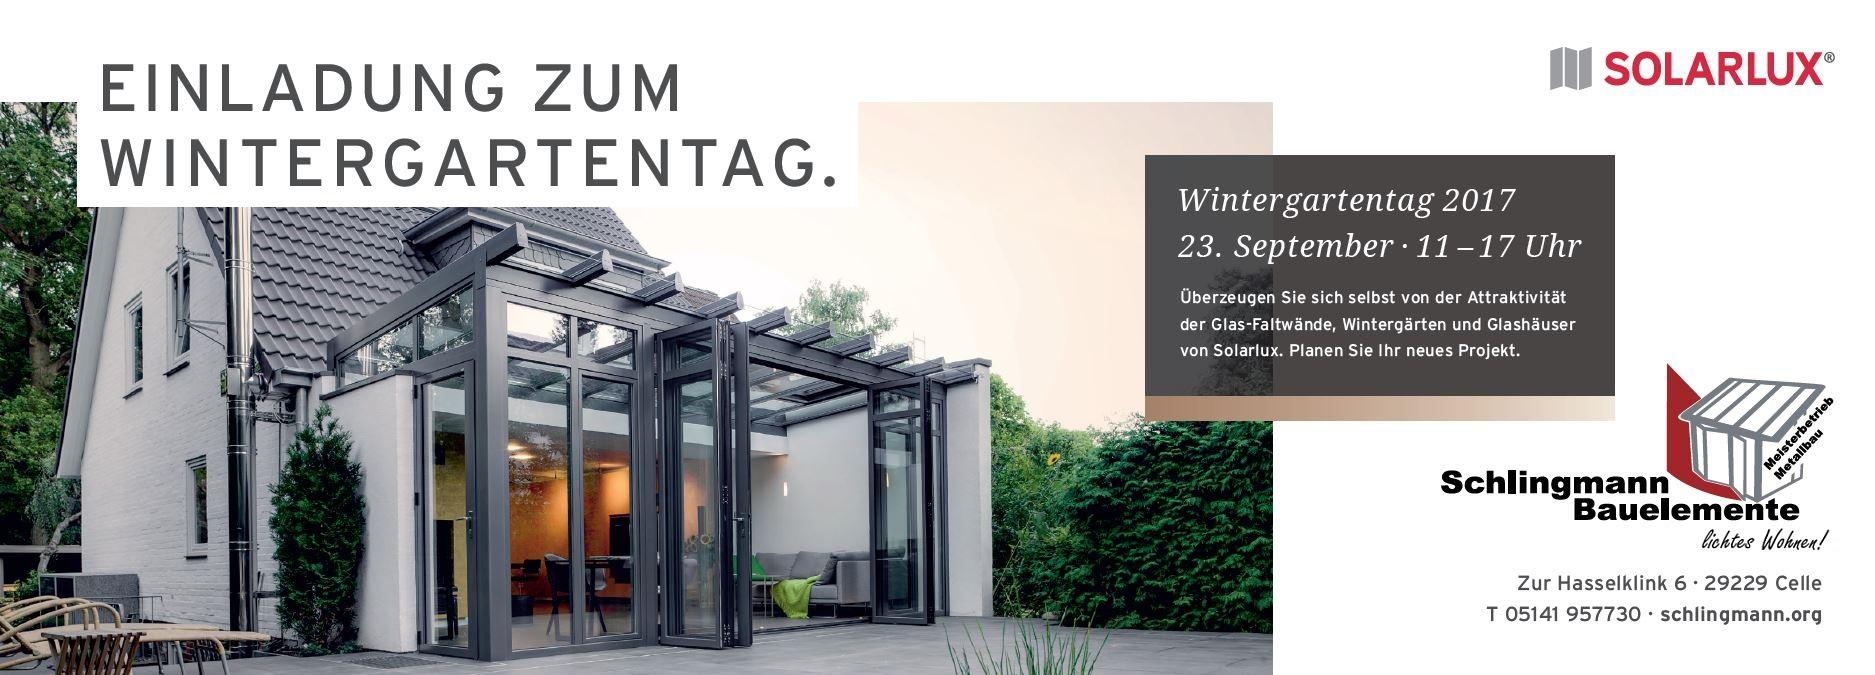 Einladung zum Wintergartentag am 23. September 2017